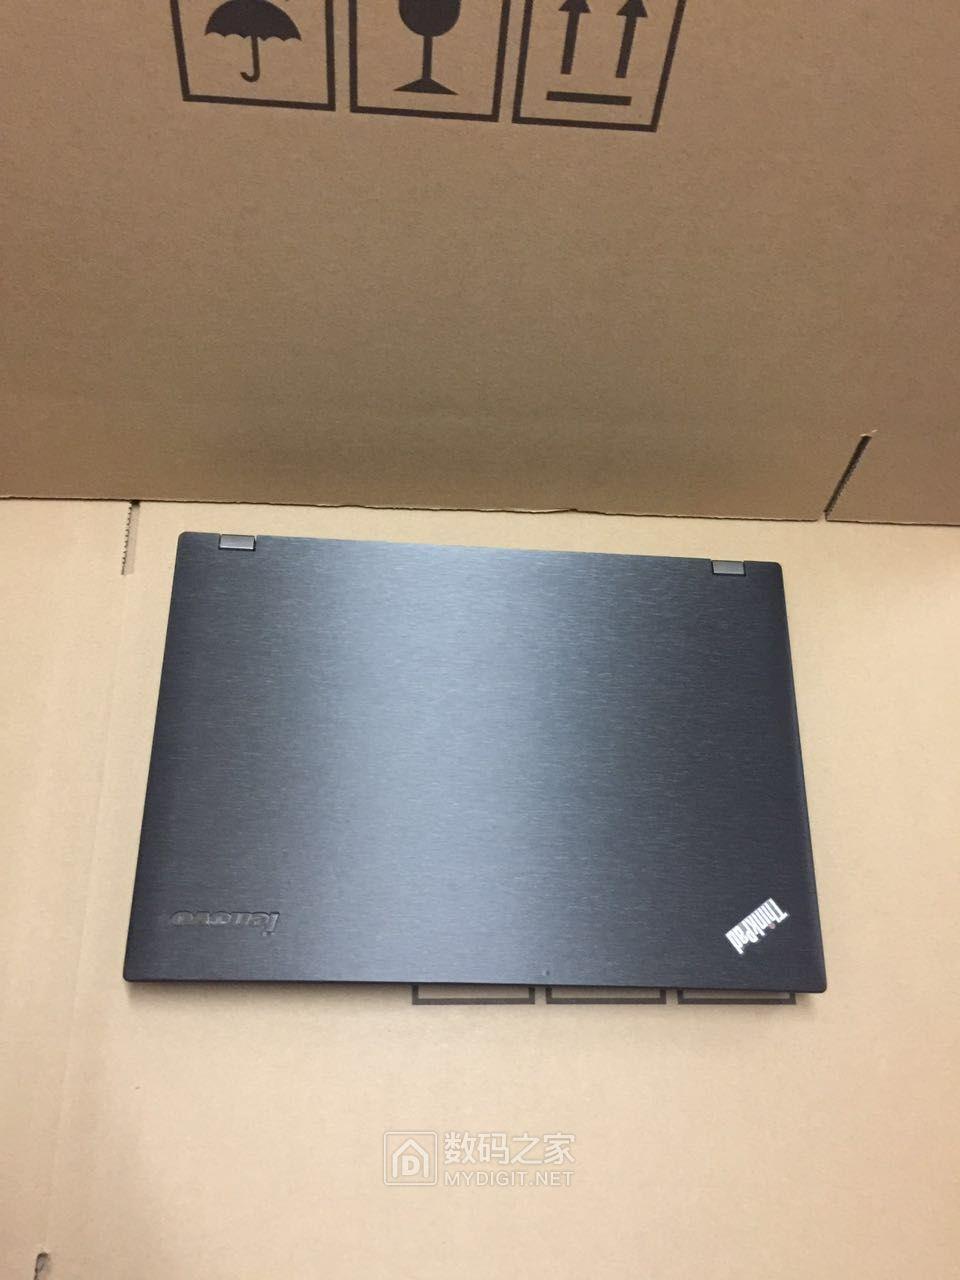 远航数码 2017年第四期团购:L440, I5-4300M标压,英文键盘。高分屏可升级IPS